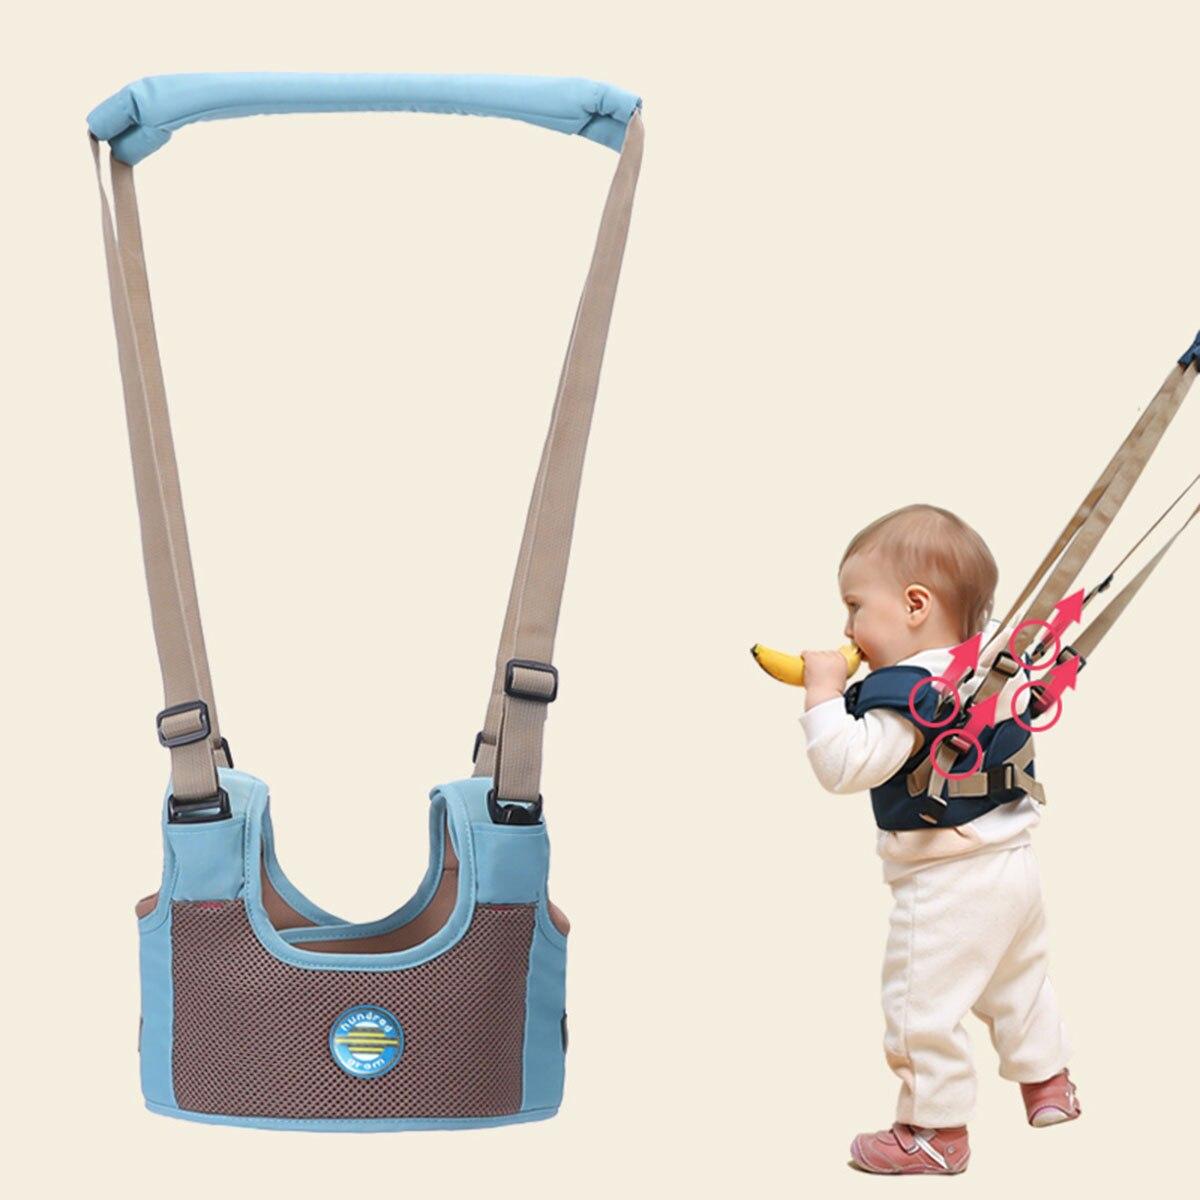 2019 nueva marca lindo bebé niño pequeño paseo seguridad arnés asistente aprender a caminar bebé caminar asistente cinturón Aparcamiento PDC ayudar Sensor para Volvo S40 S60 S80 V50 V70 C70 XC70 XC90 30765108, 30668100, 30765408, 30668099, 5267042